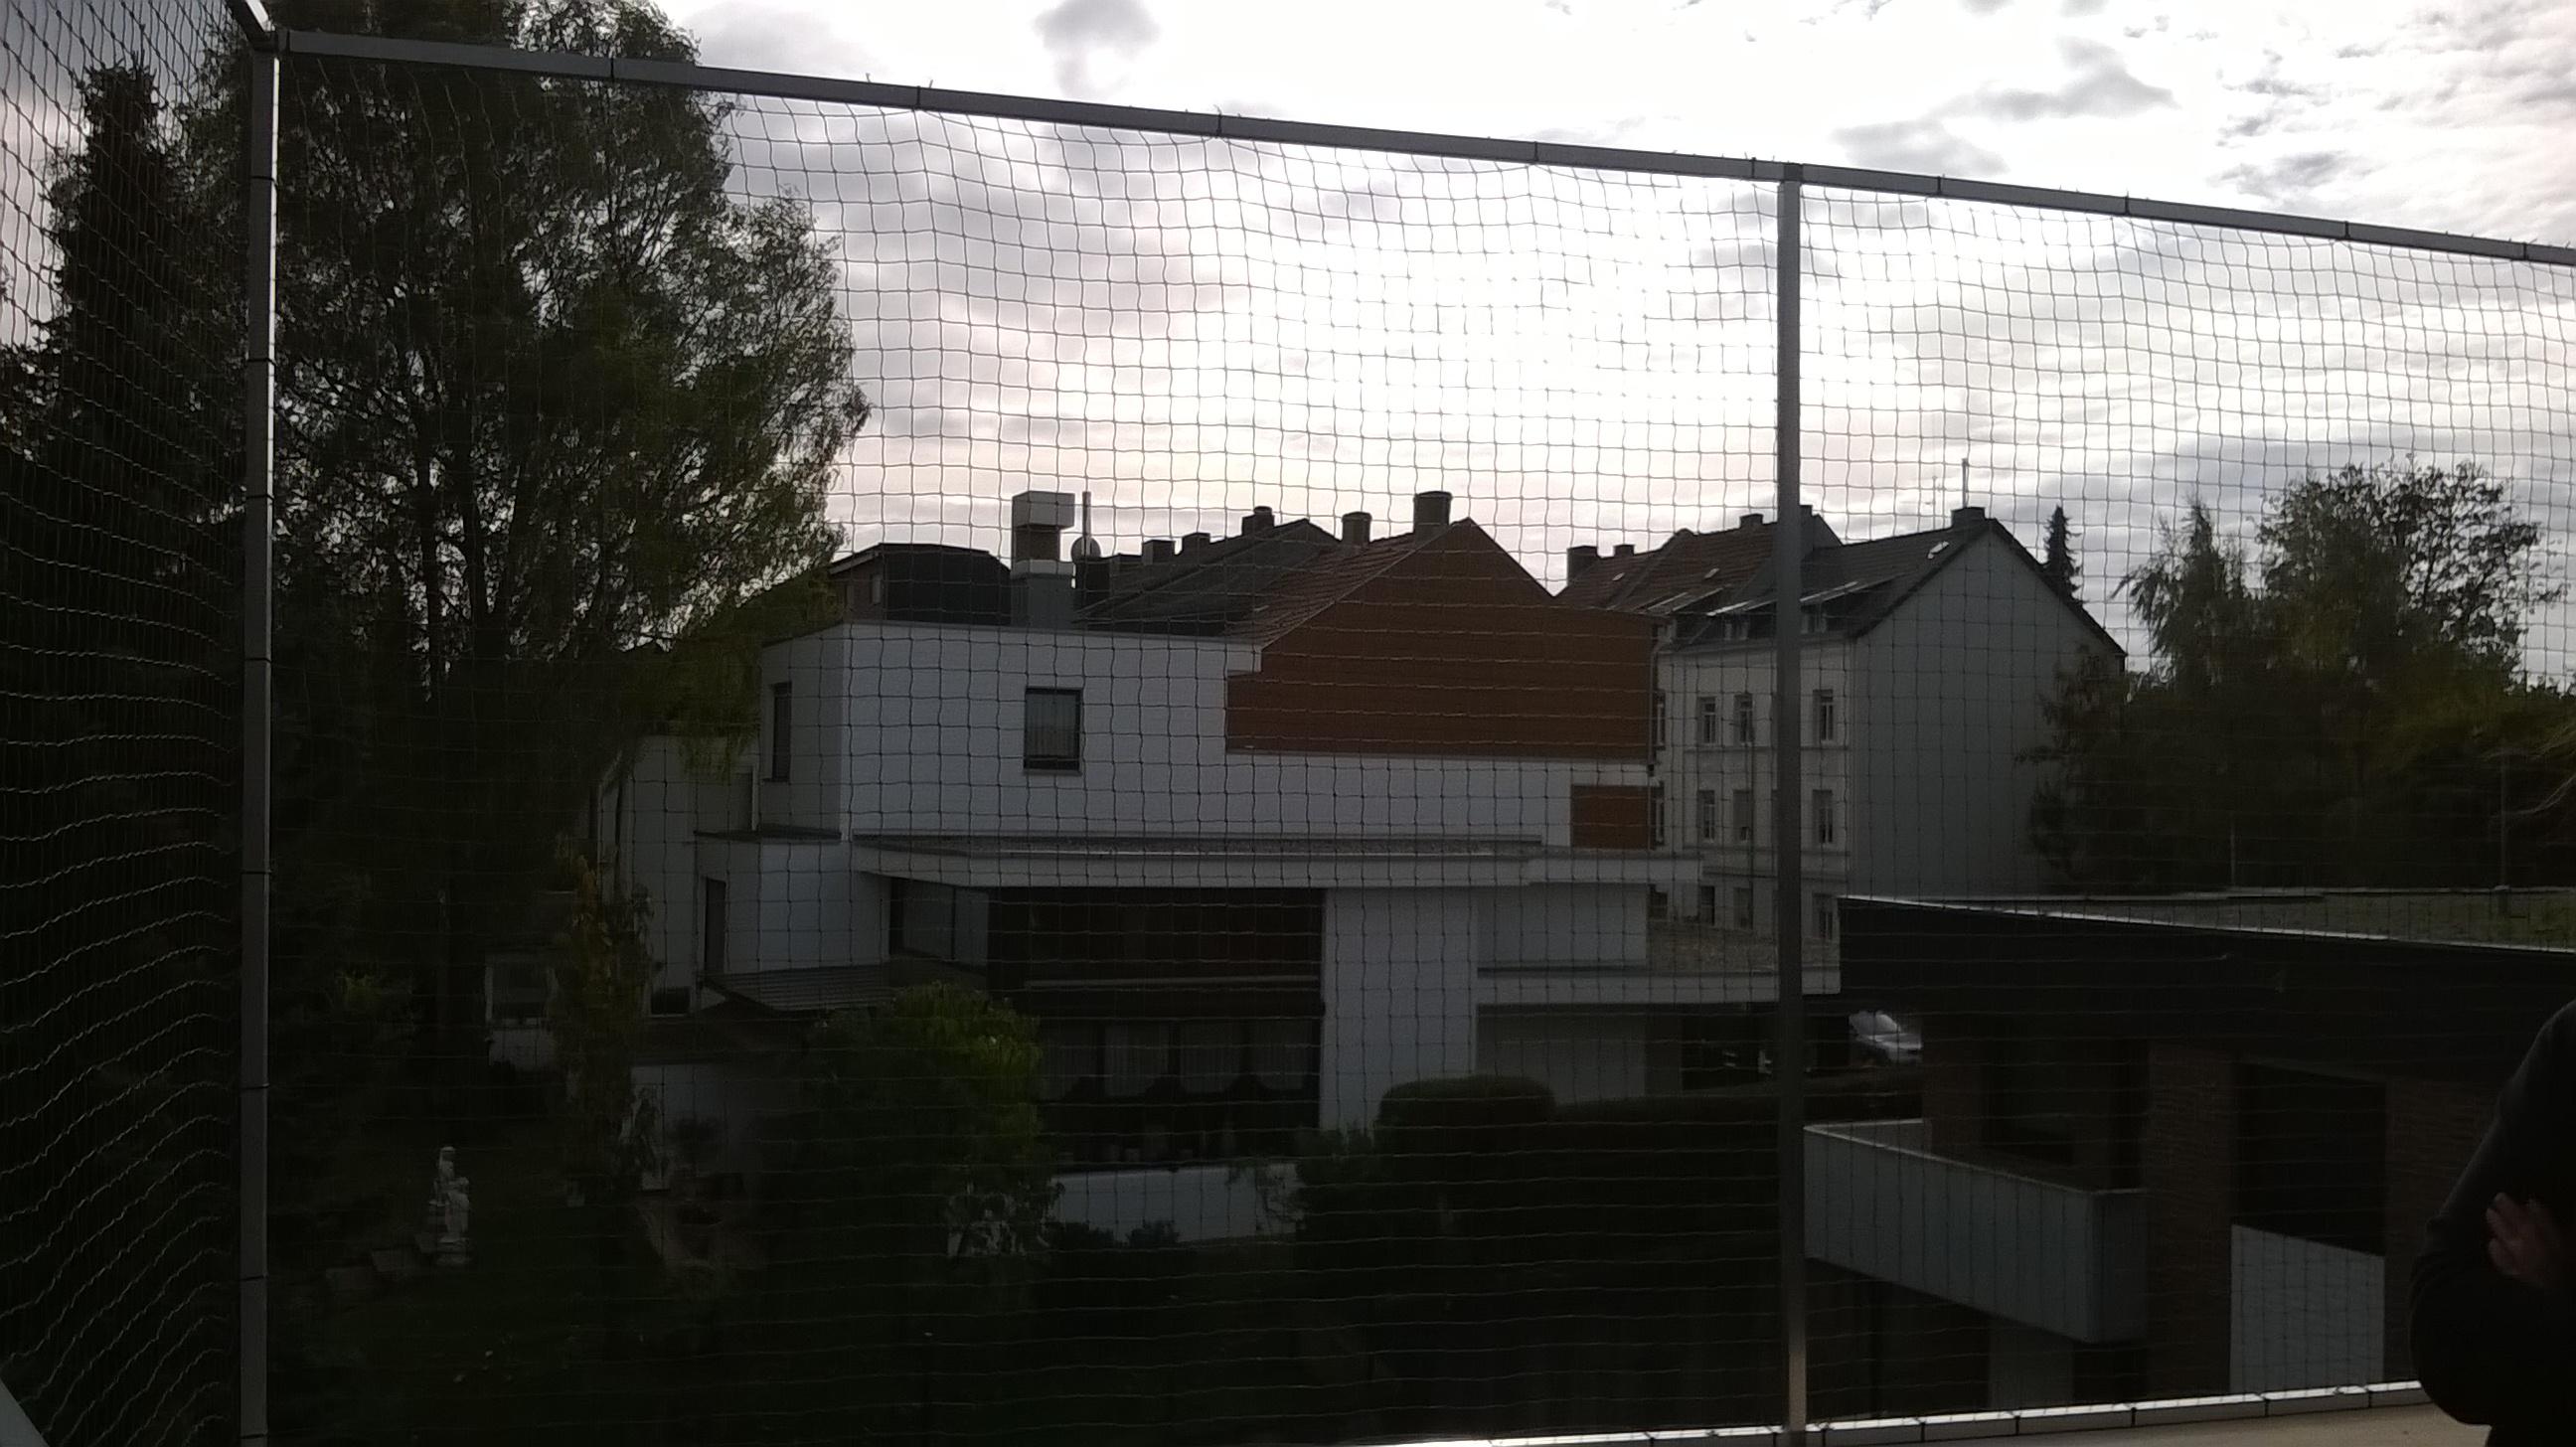 loggia dachbalkon in stolberg bei aachen katzensicher mit katzennetz vernetzt katzennetze. Black Bedroom Furniture Sets. Home Design Ideas